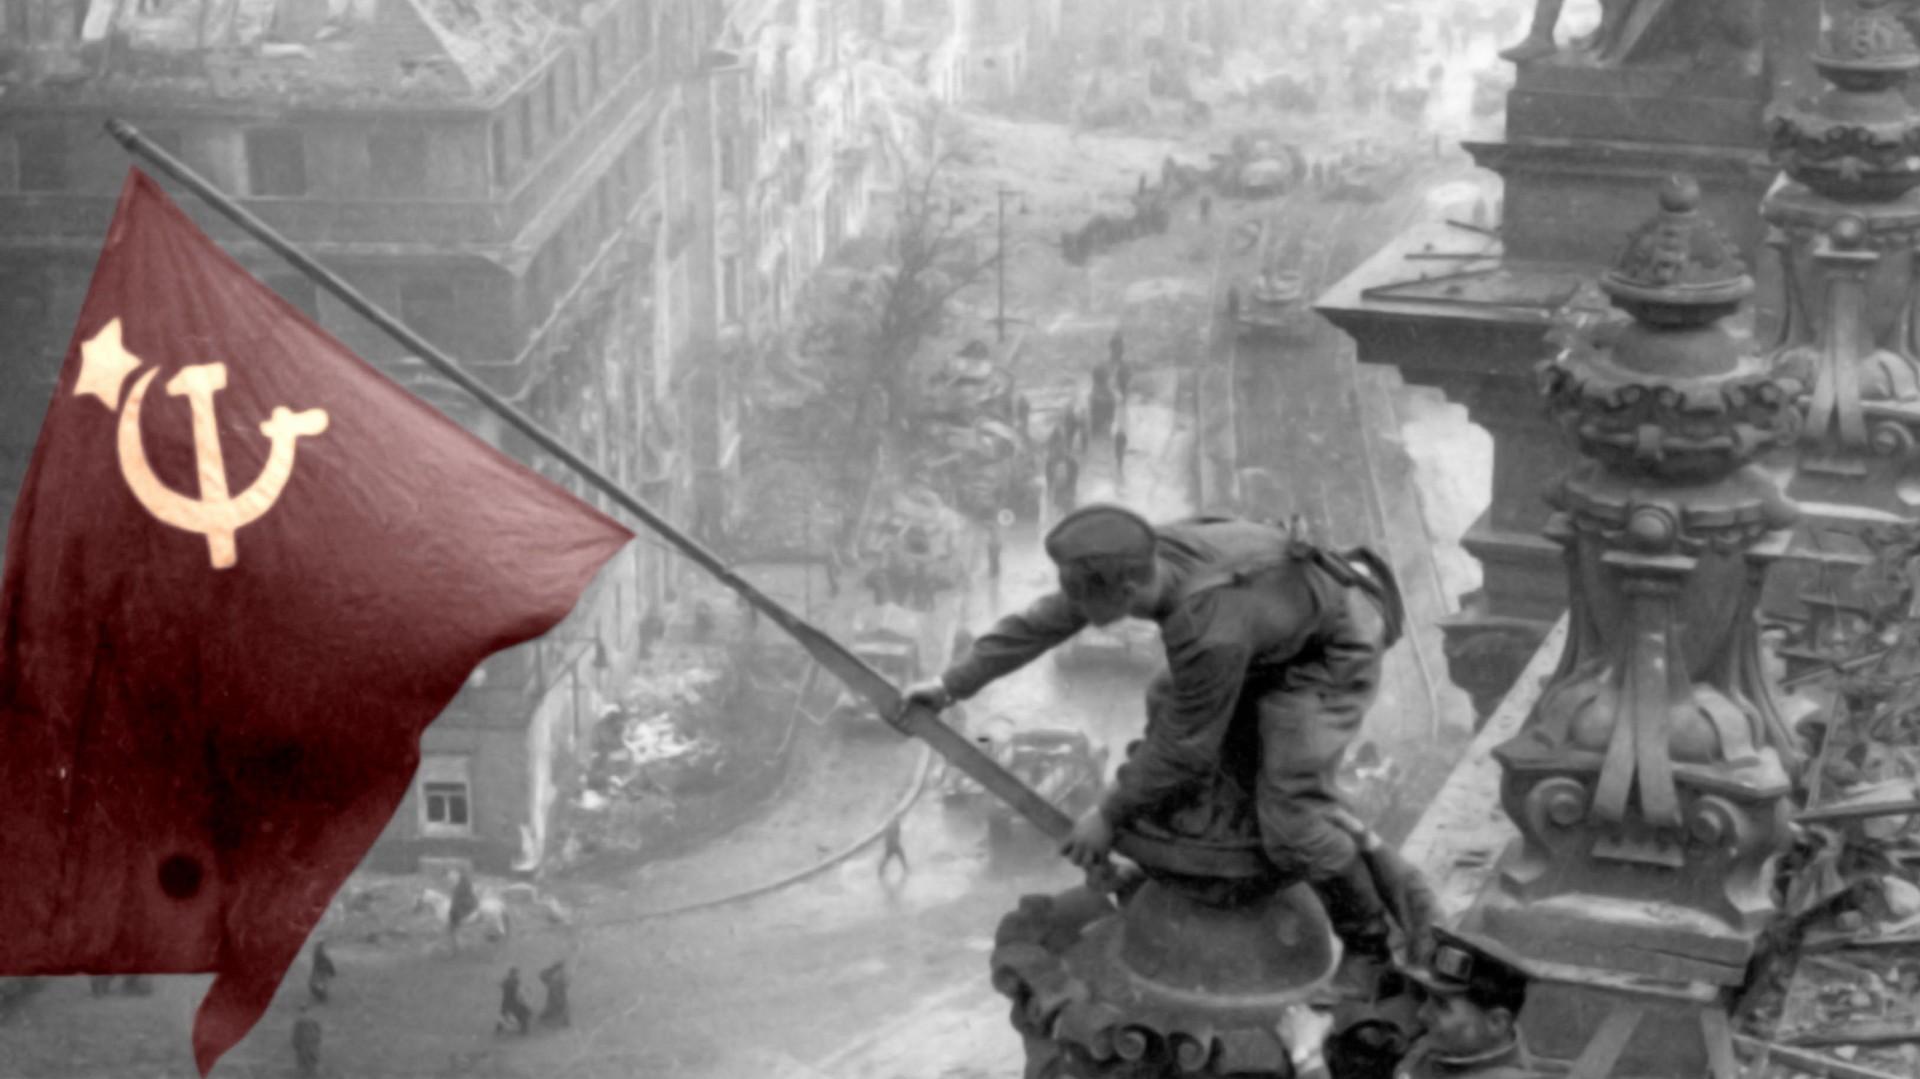 پرچم اتحاد شوروی بر فراز رایشستاگ برلین